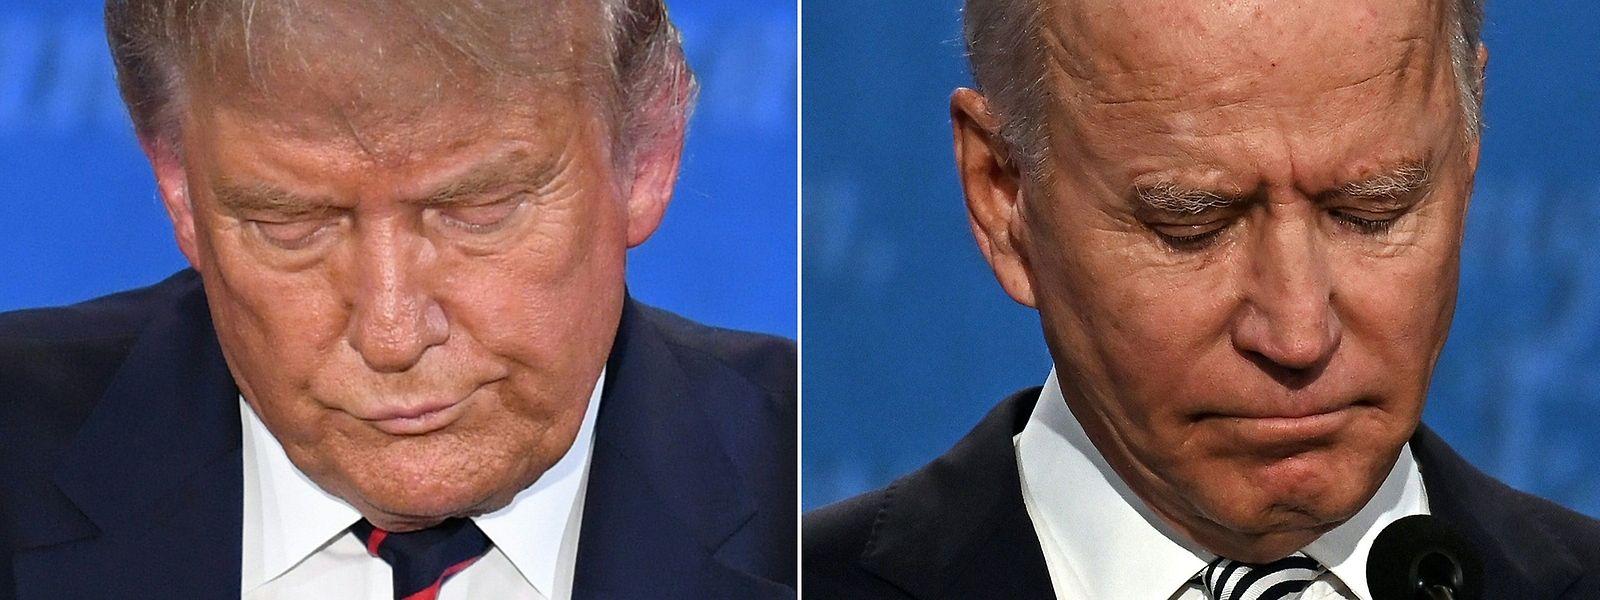 Gegensätzlicher könnten die Positionen der US-Präsidentschaftskandidaten in der Außenpolitik kaum sein.